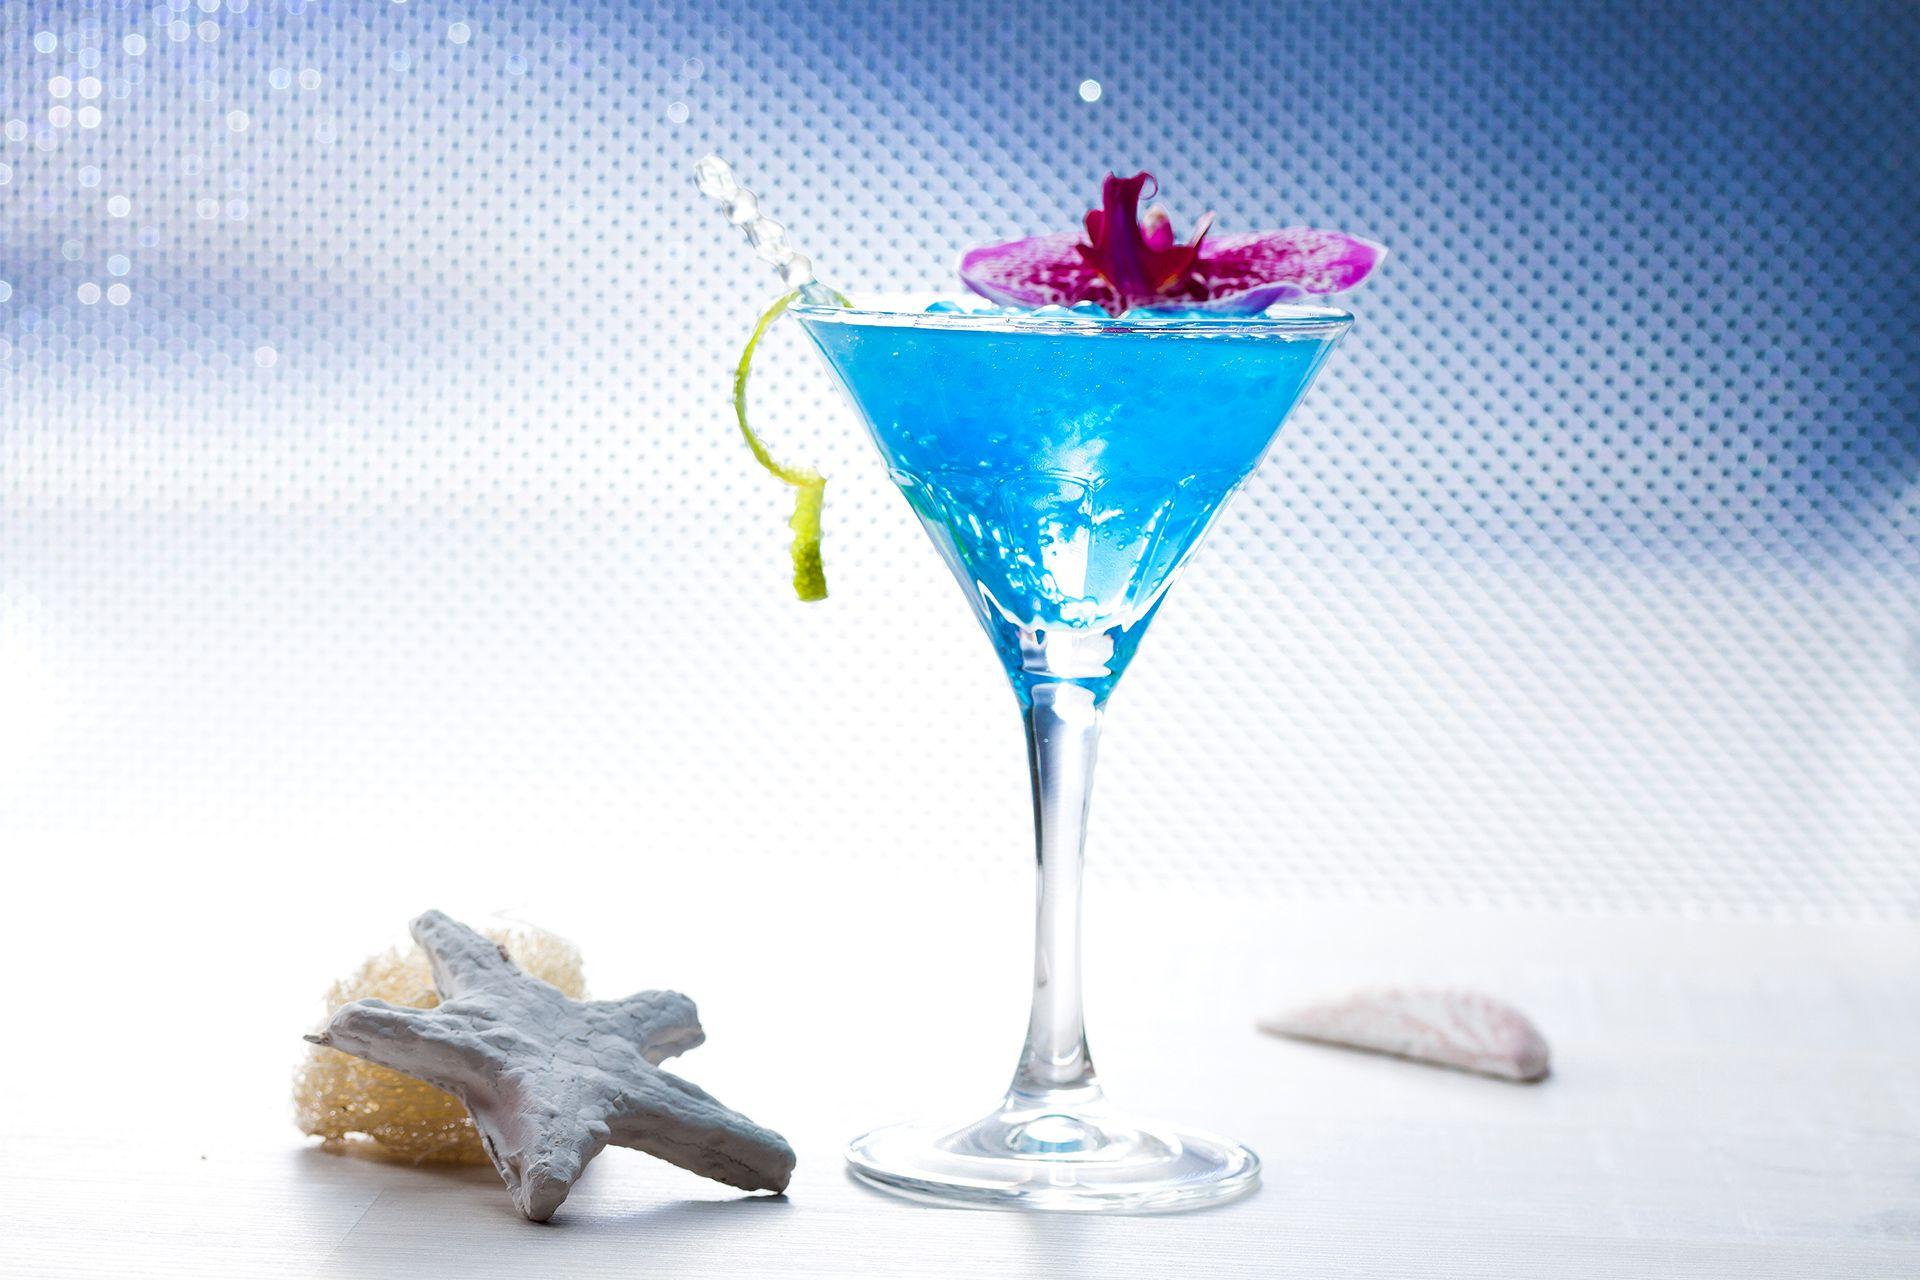 molekular cocktail kurs in stuttgart als geschenkidee